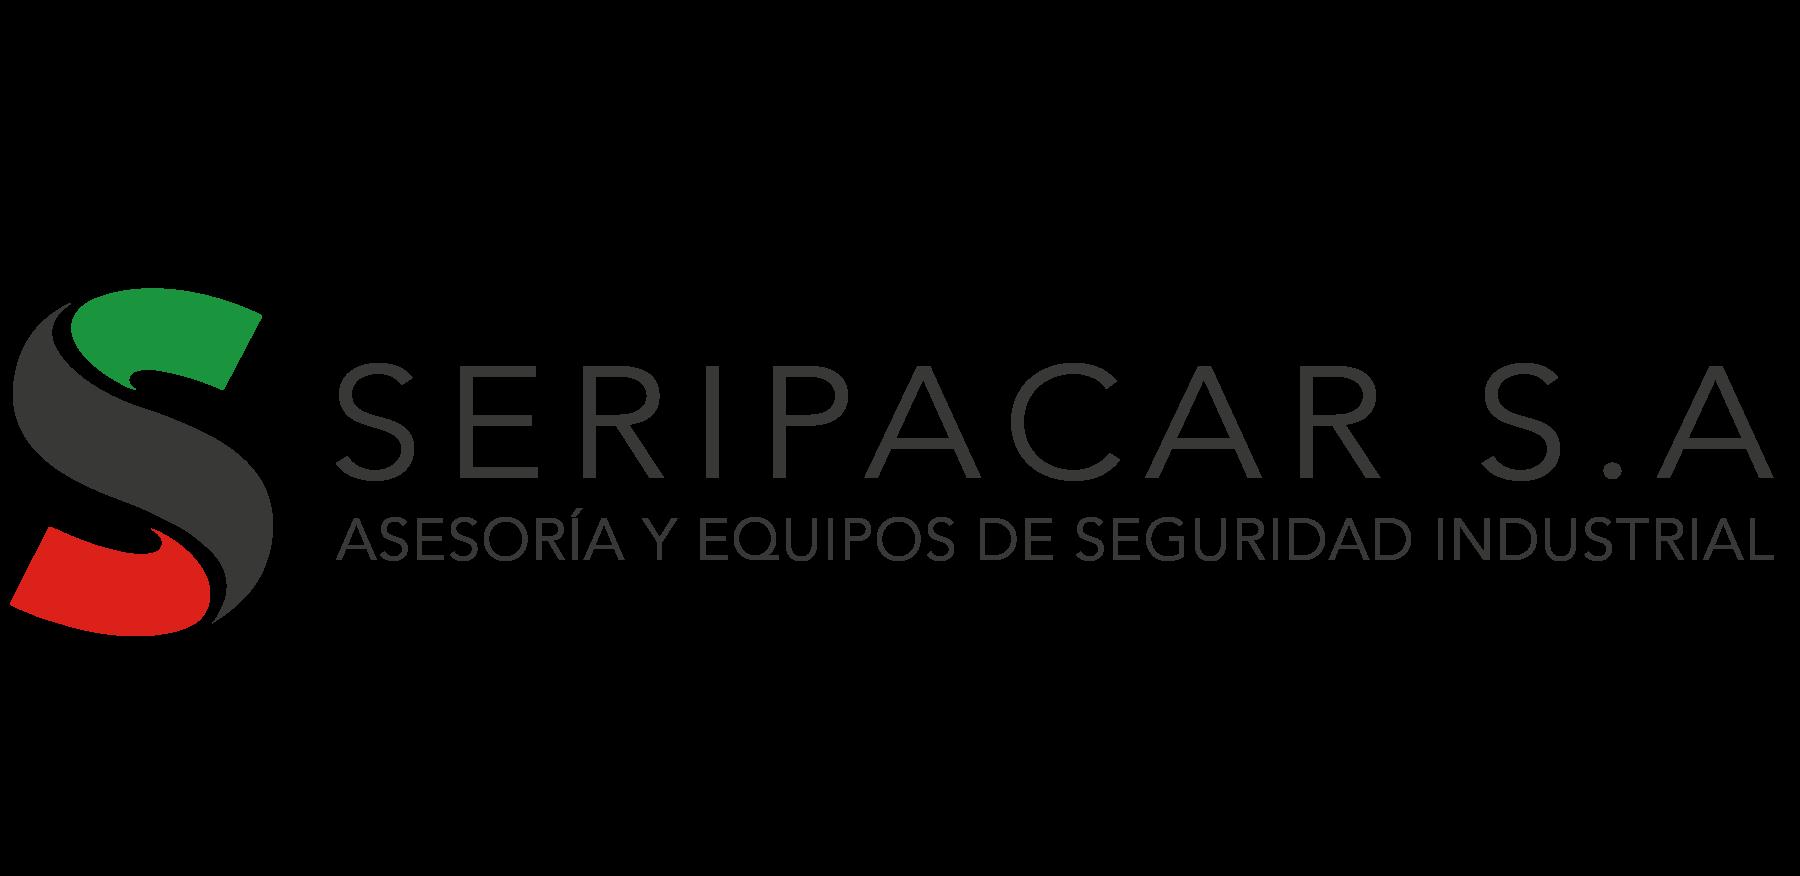 Seripacar S.A